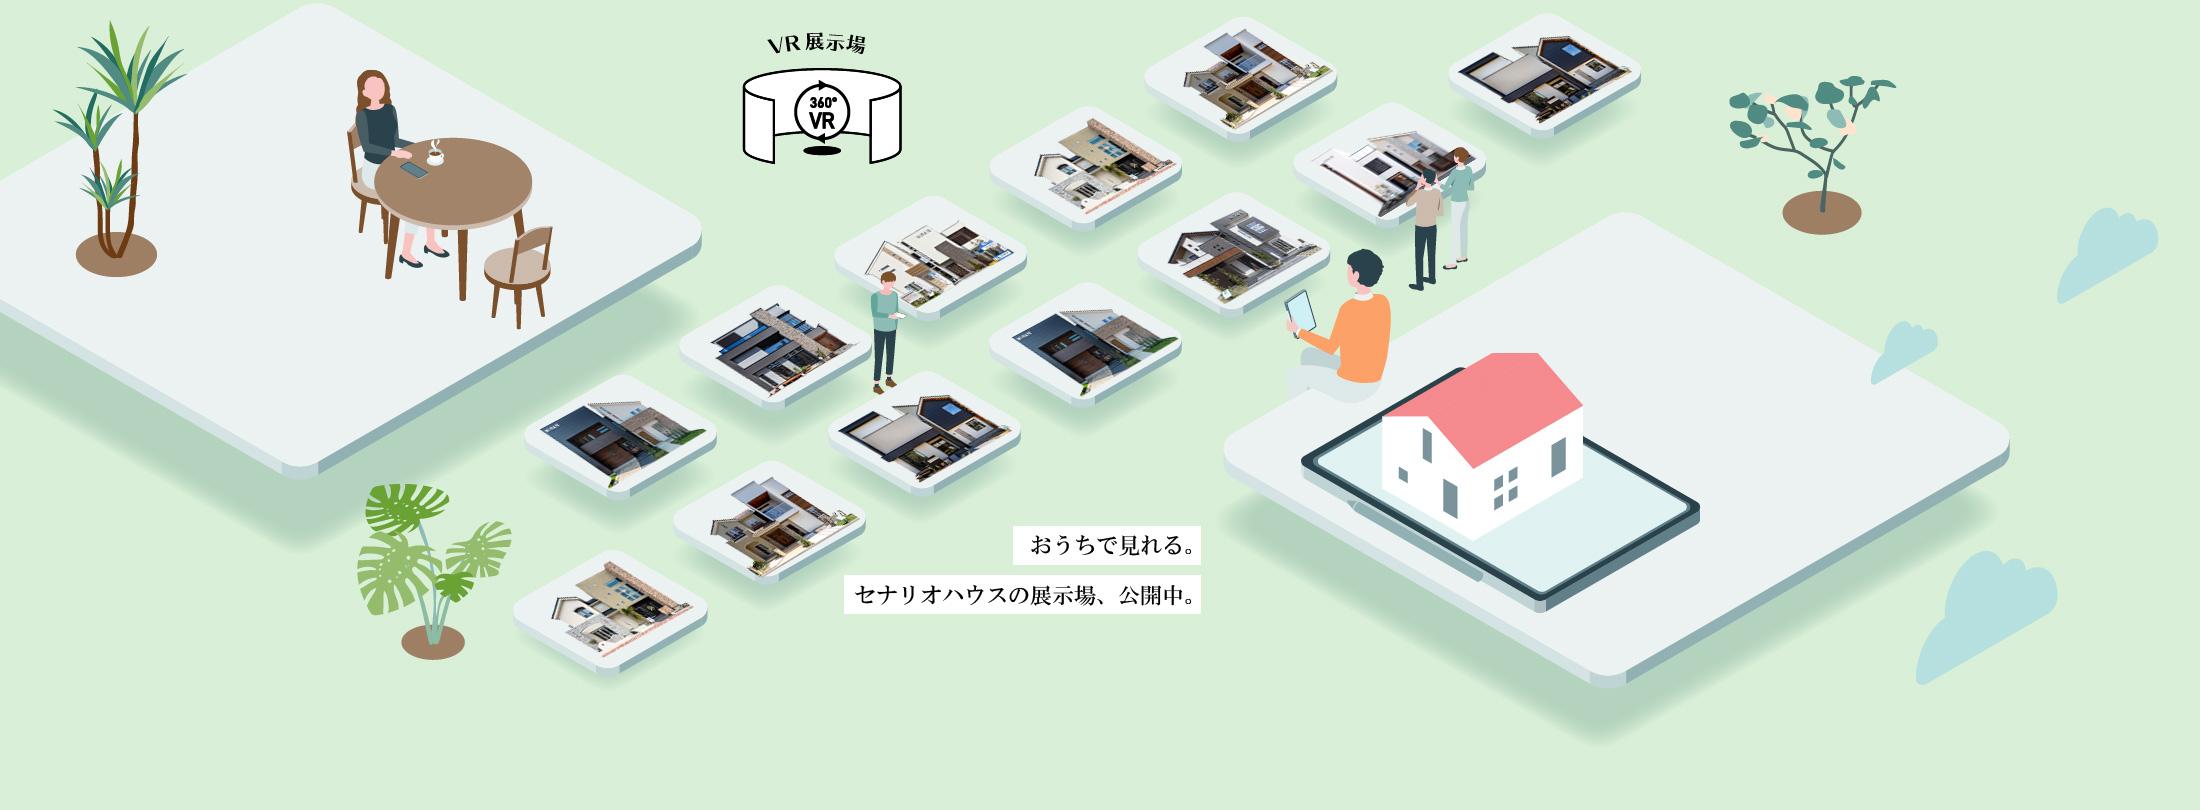 VR展示場_おうちにいながら展示場見学